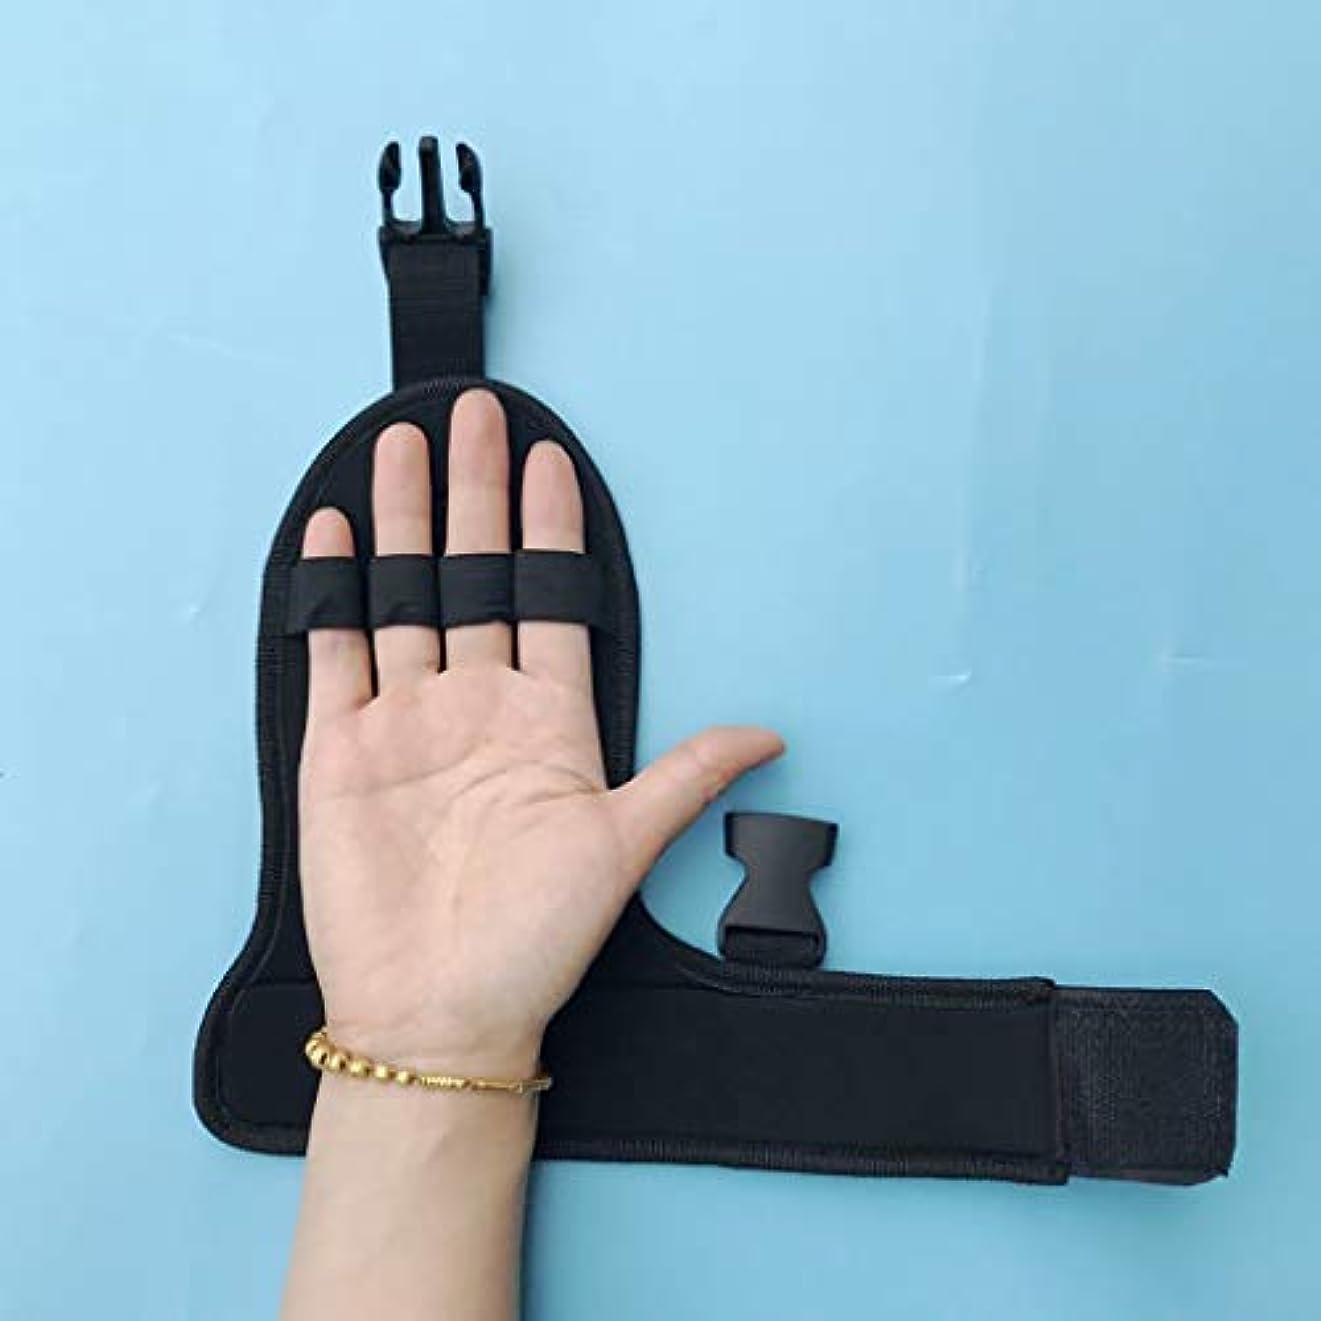 賭け精巧な安息フィンガープロテクターは、指の骨折と術後のケアおよび痛みの軽減を引き起こすために指の手袋をサポートします,Buckle